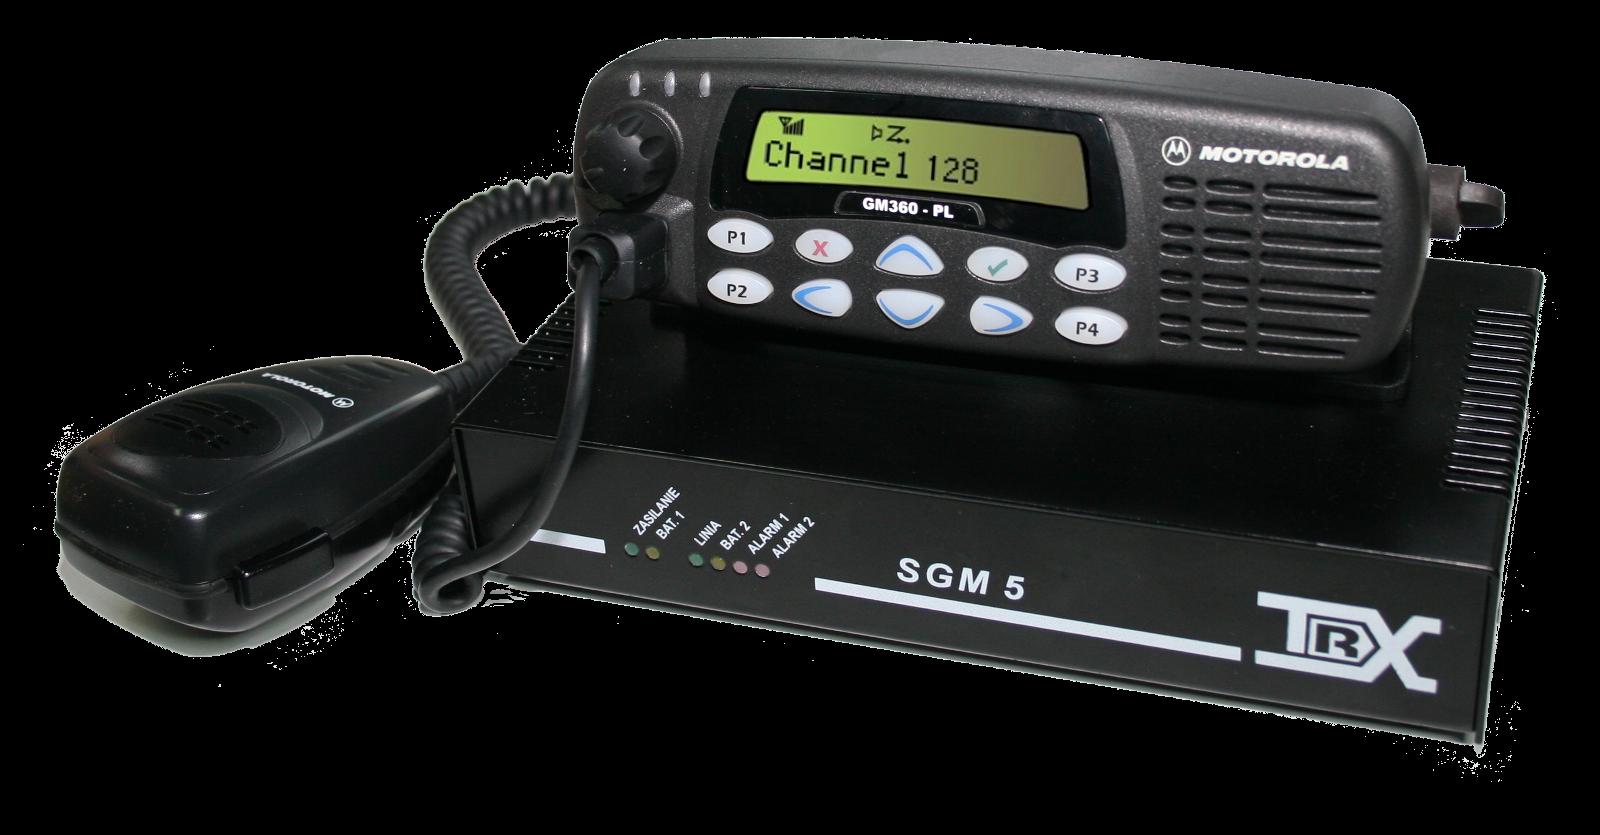 TRX SGM5 V7 Motorola GM360